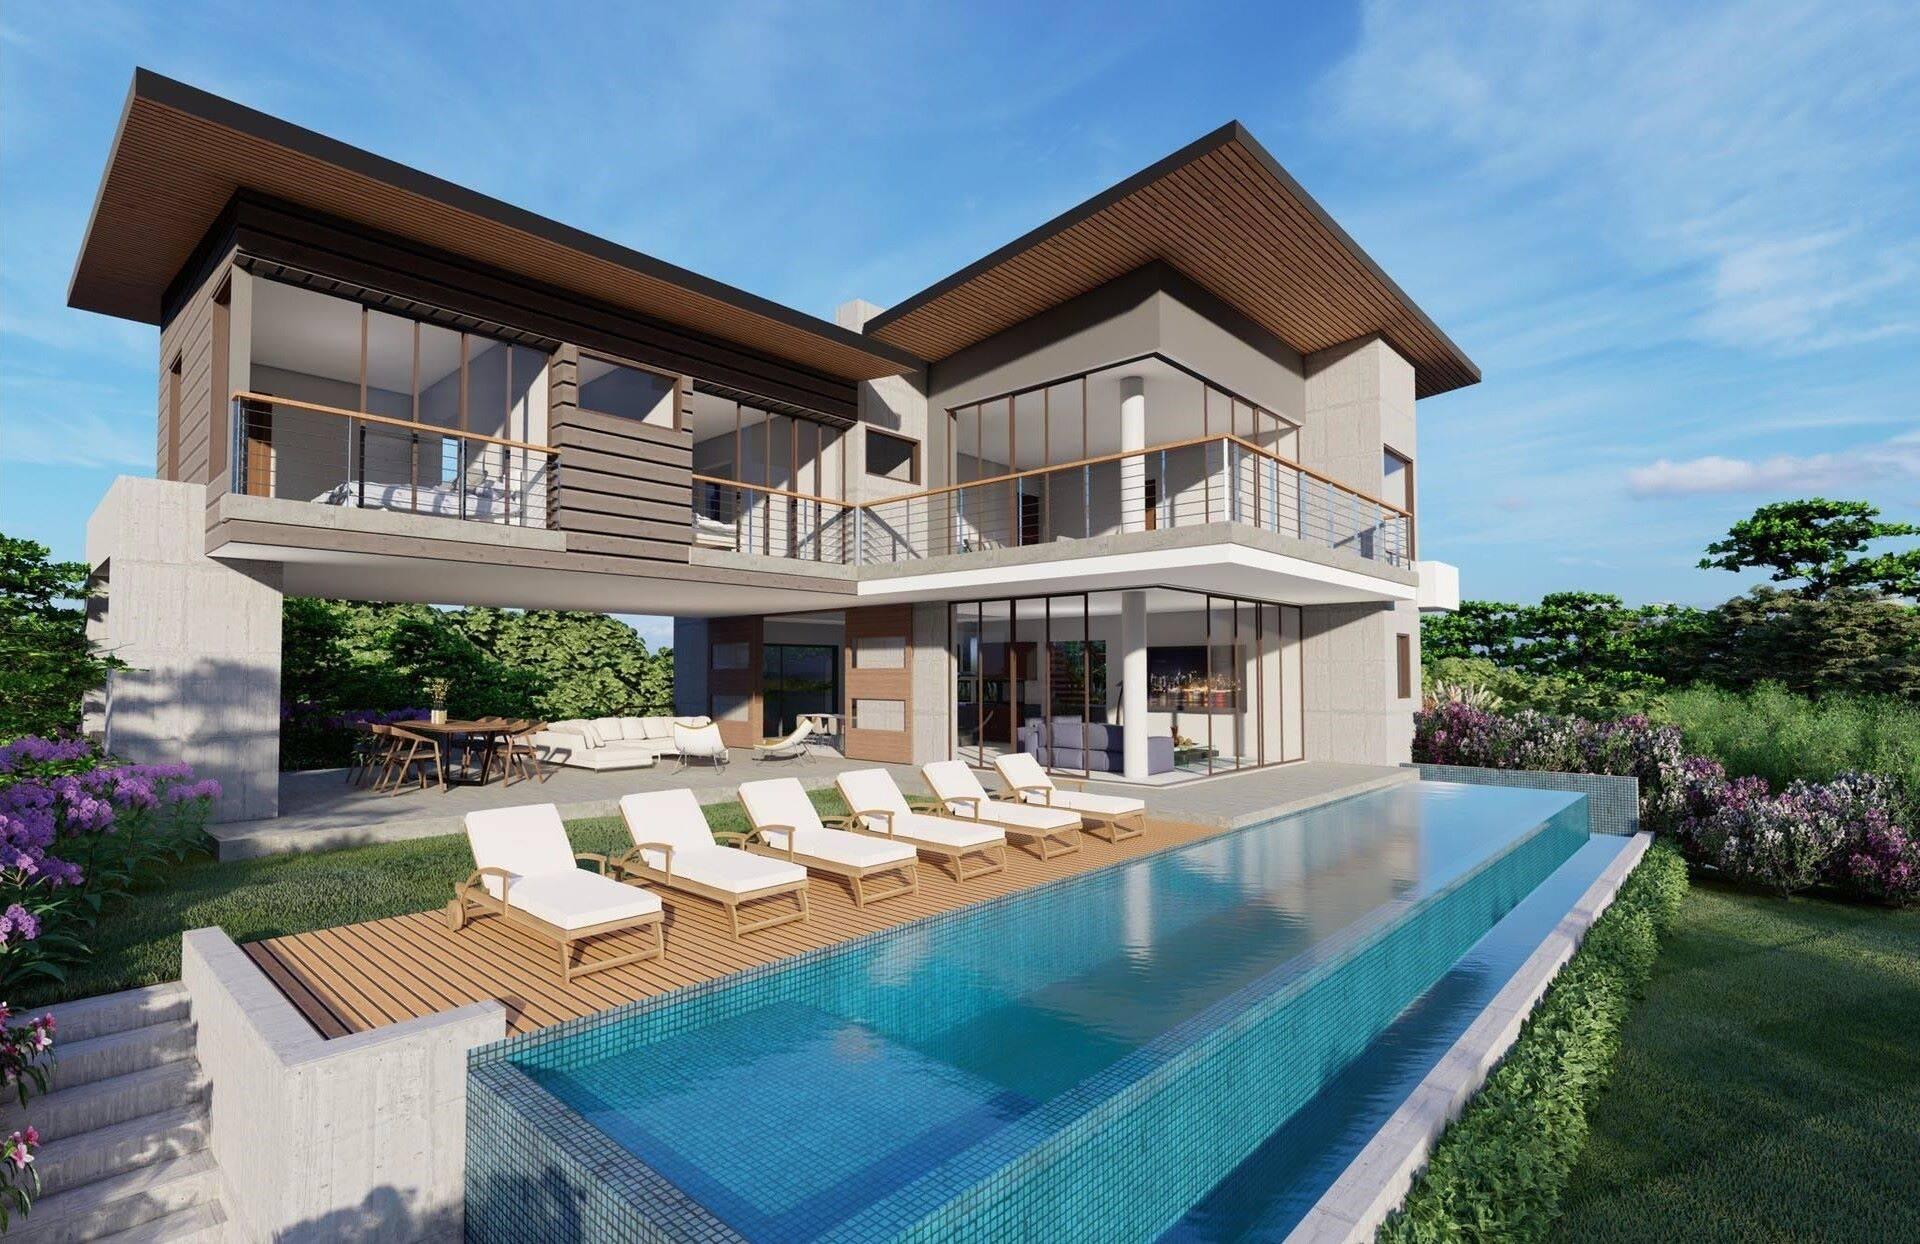 Casa Altos Cielos! Luxury Ocean View home